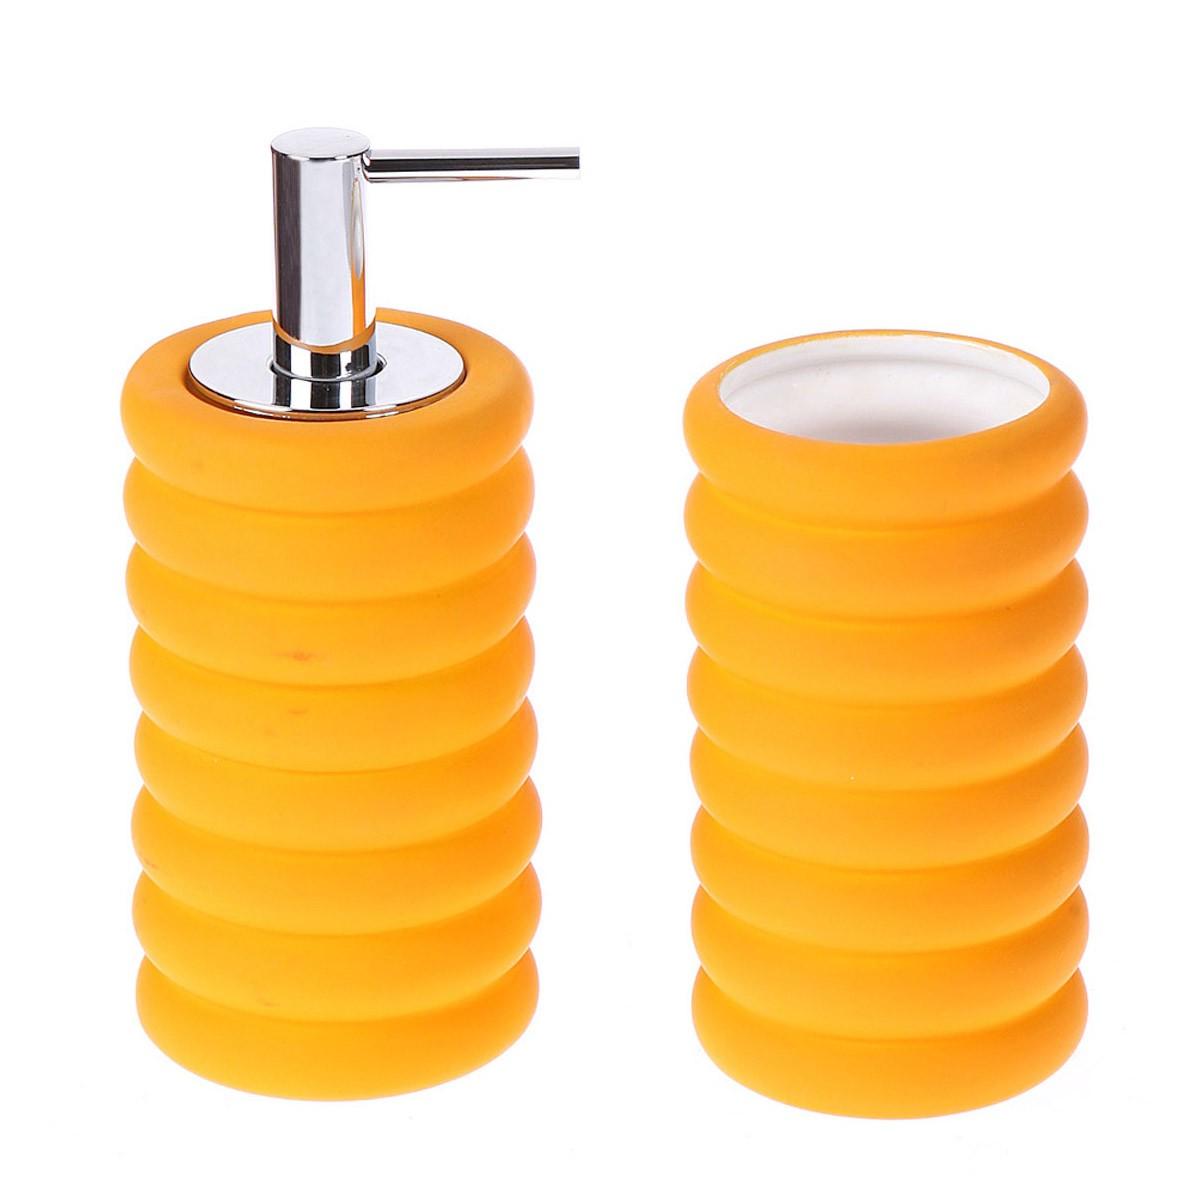 Αξεσουάρ Μπάνιου (Σετ 2τμχ) Marva Rubber Circle Orange 638005